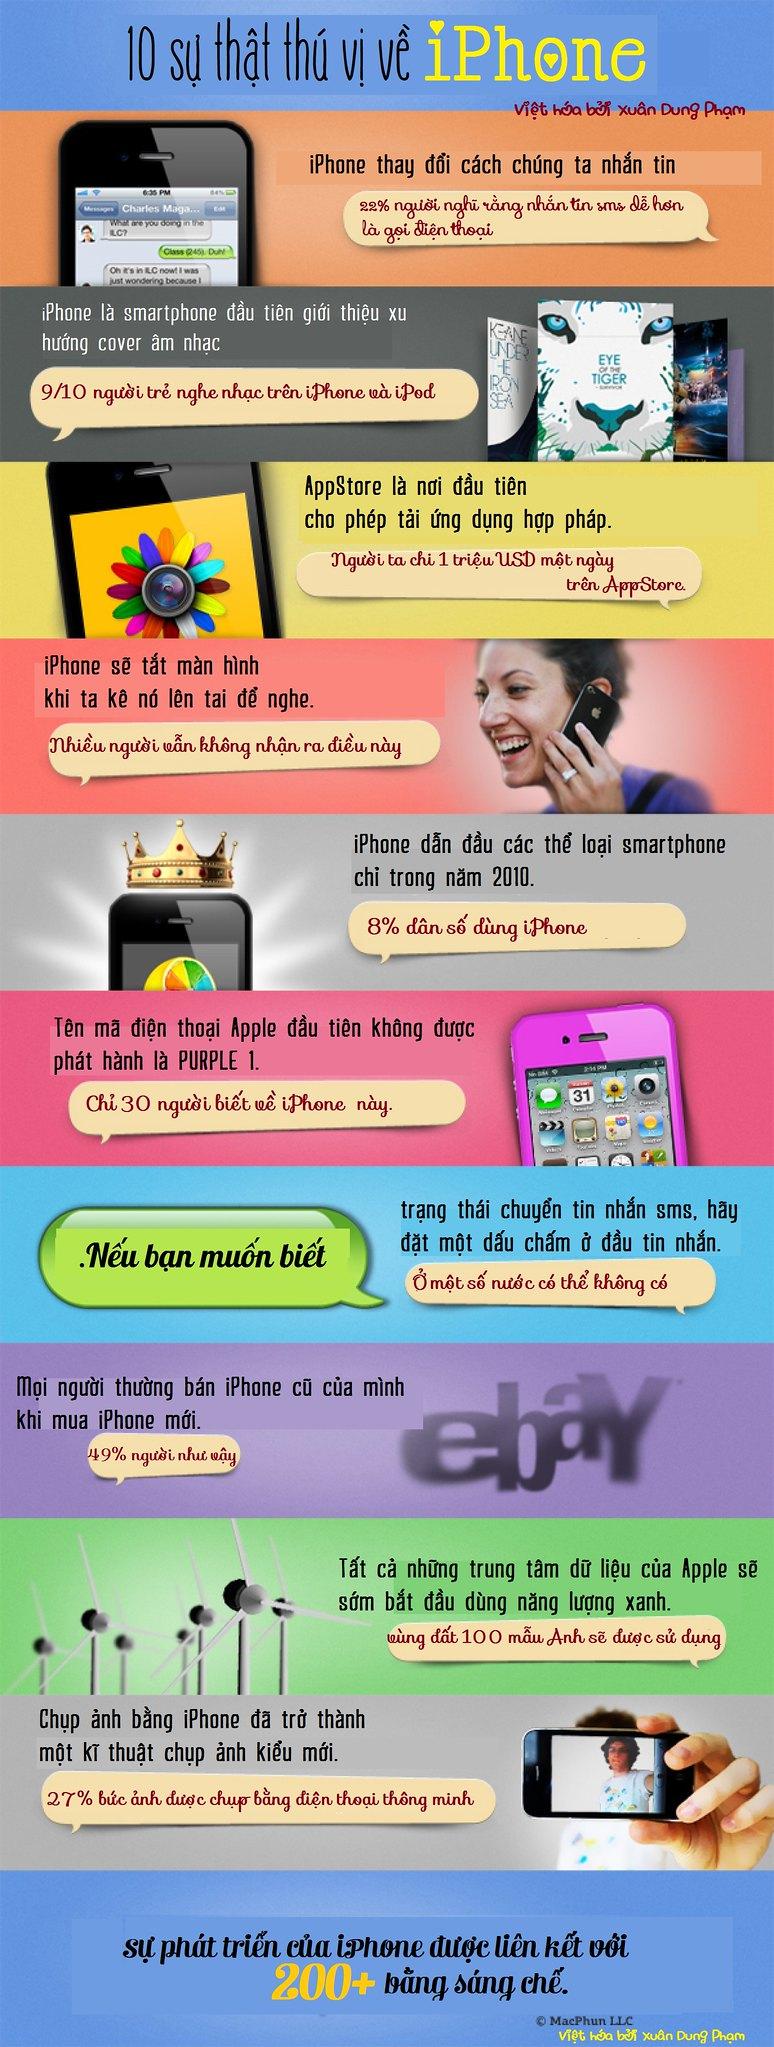 10 sự thật thú vị về iPhone